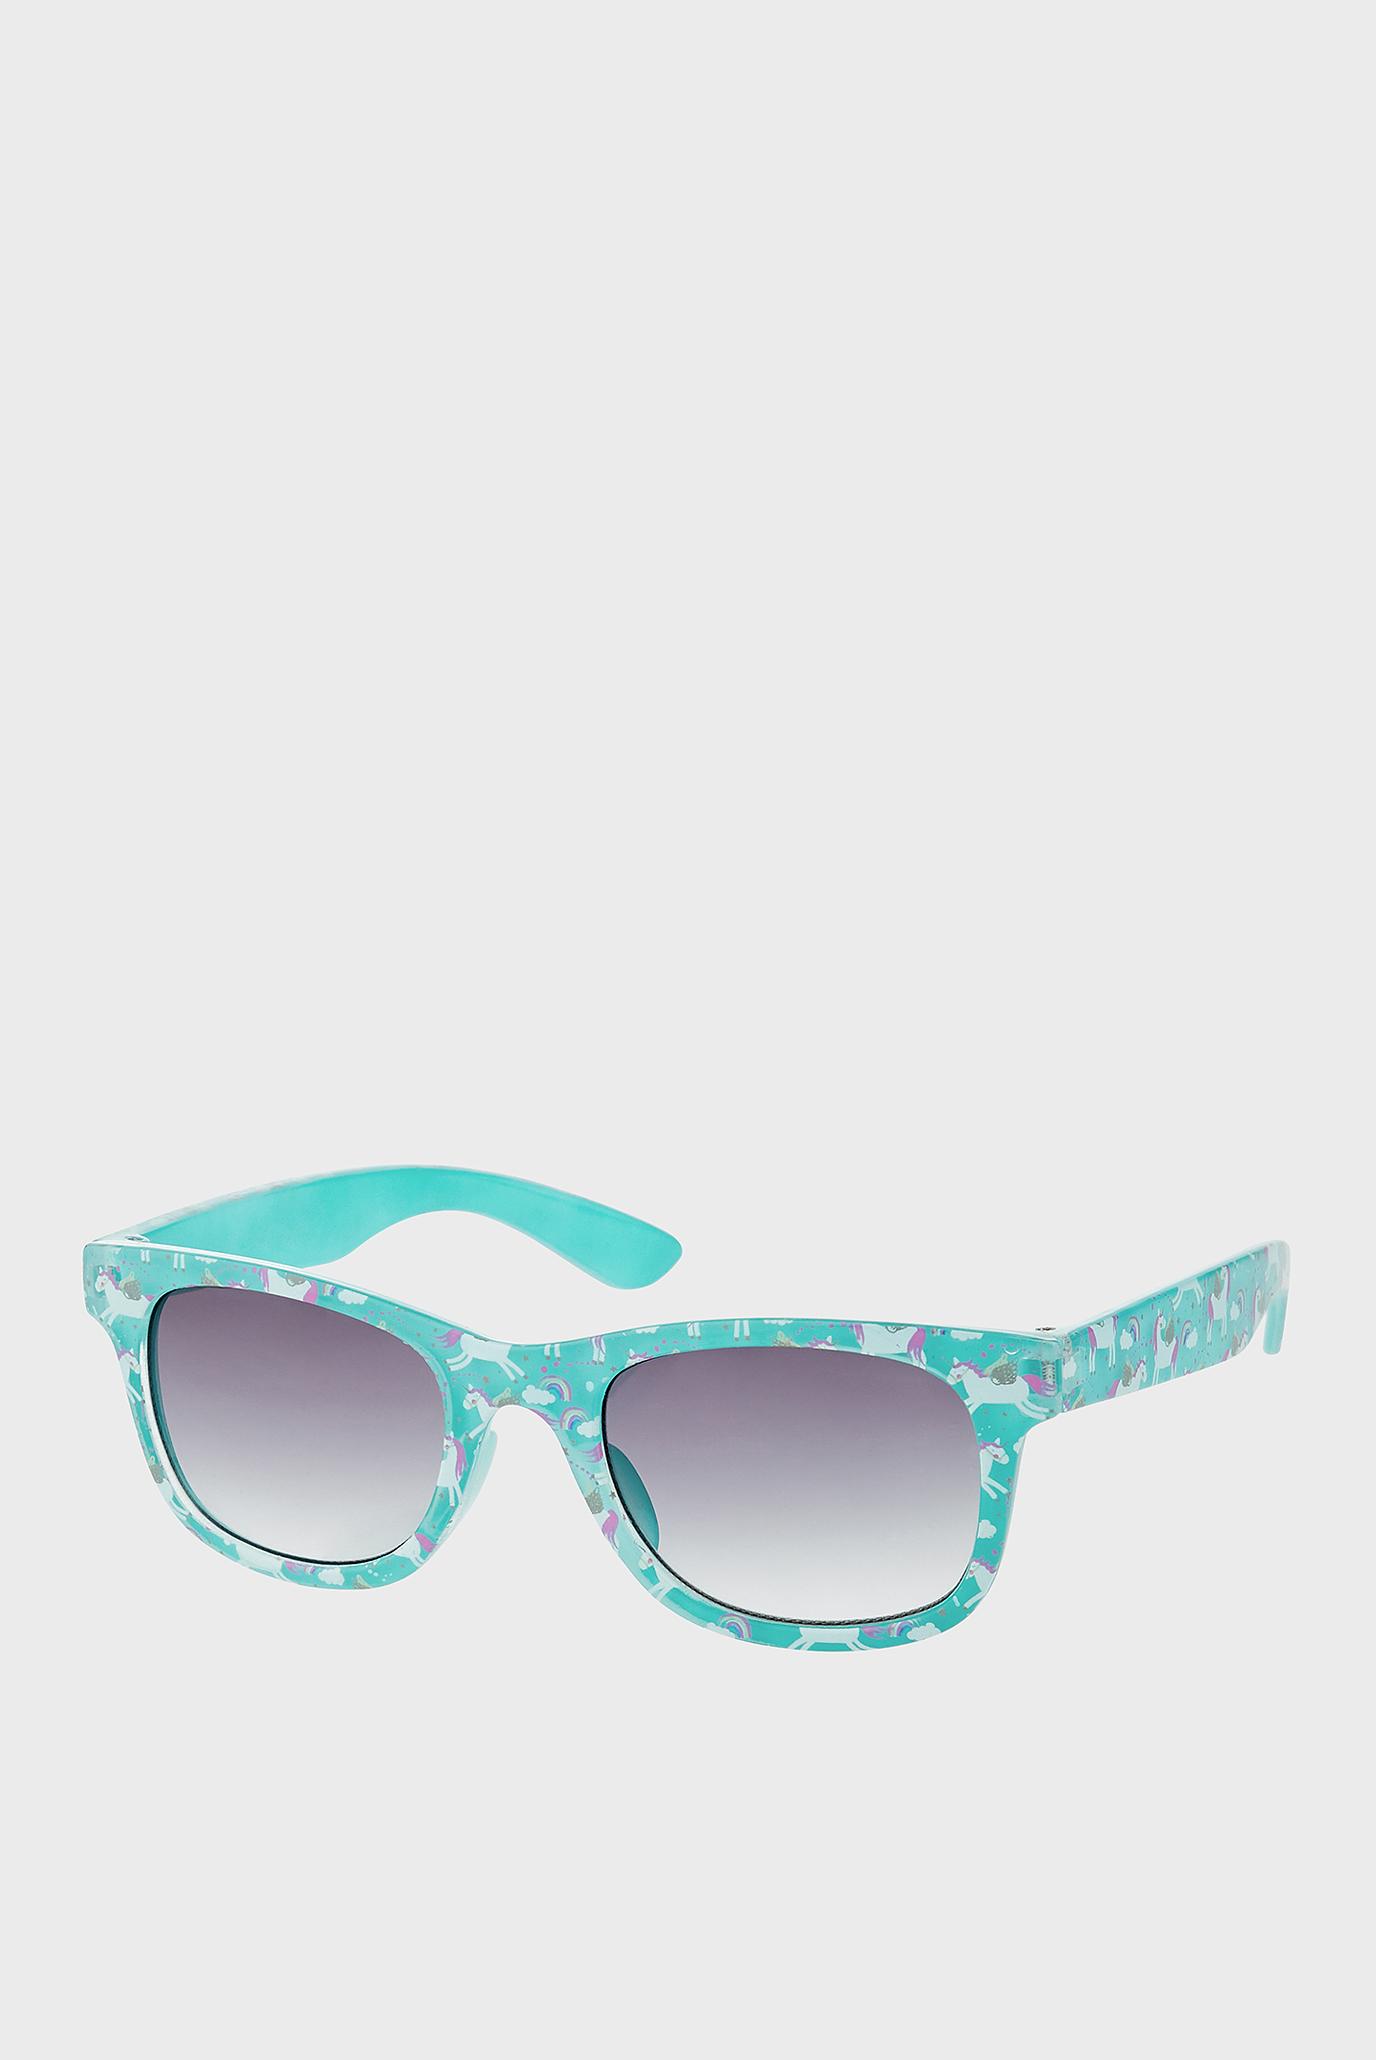 Дитячі сонцезахисні окуляри UNICORN 1